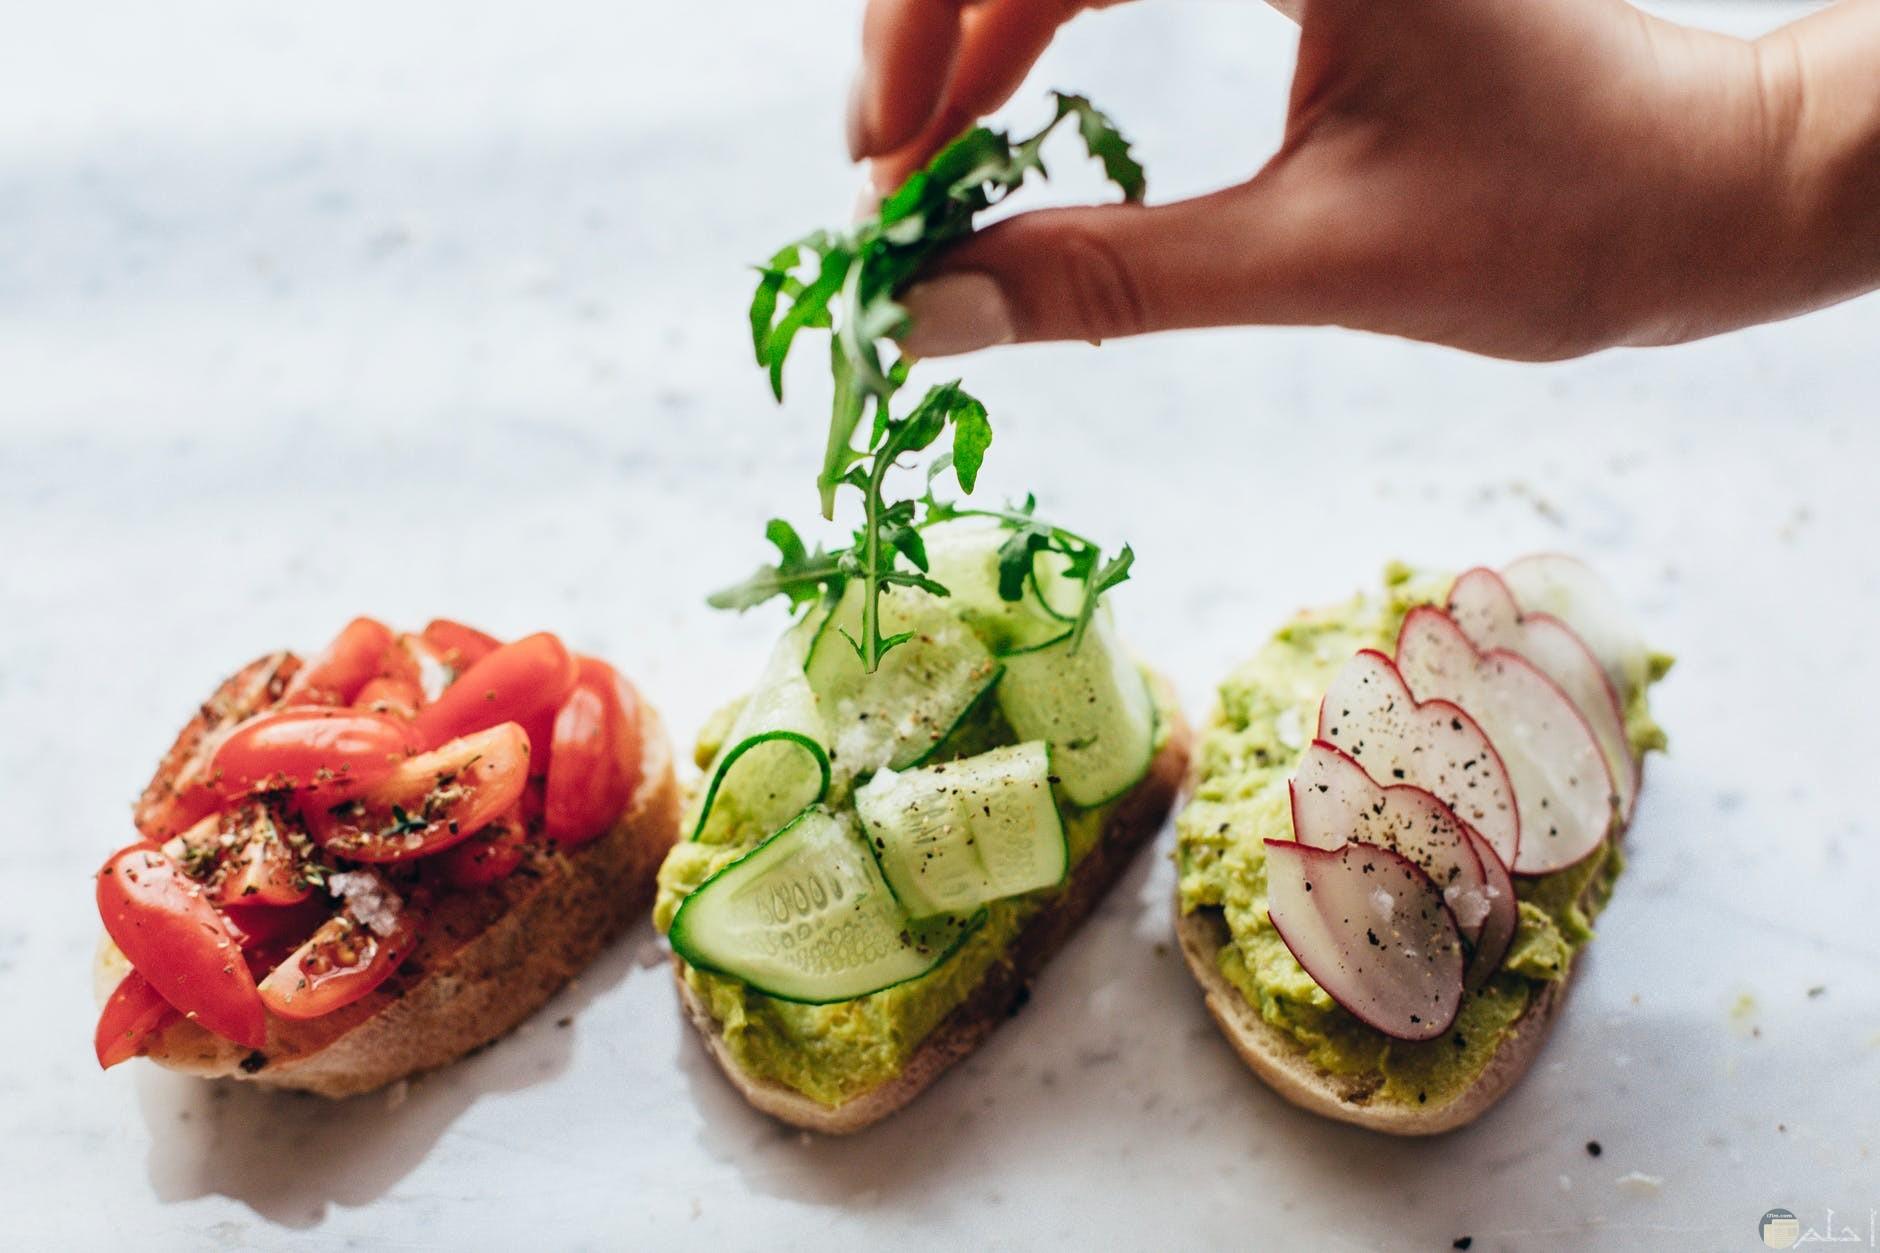 يتناول الانسان الخضروات كطعام بمفردة